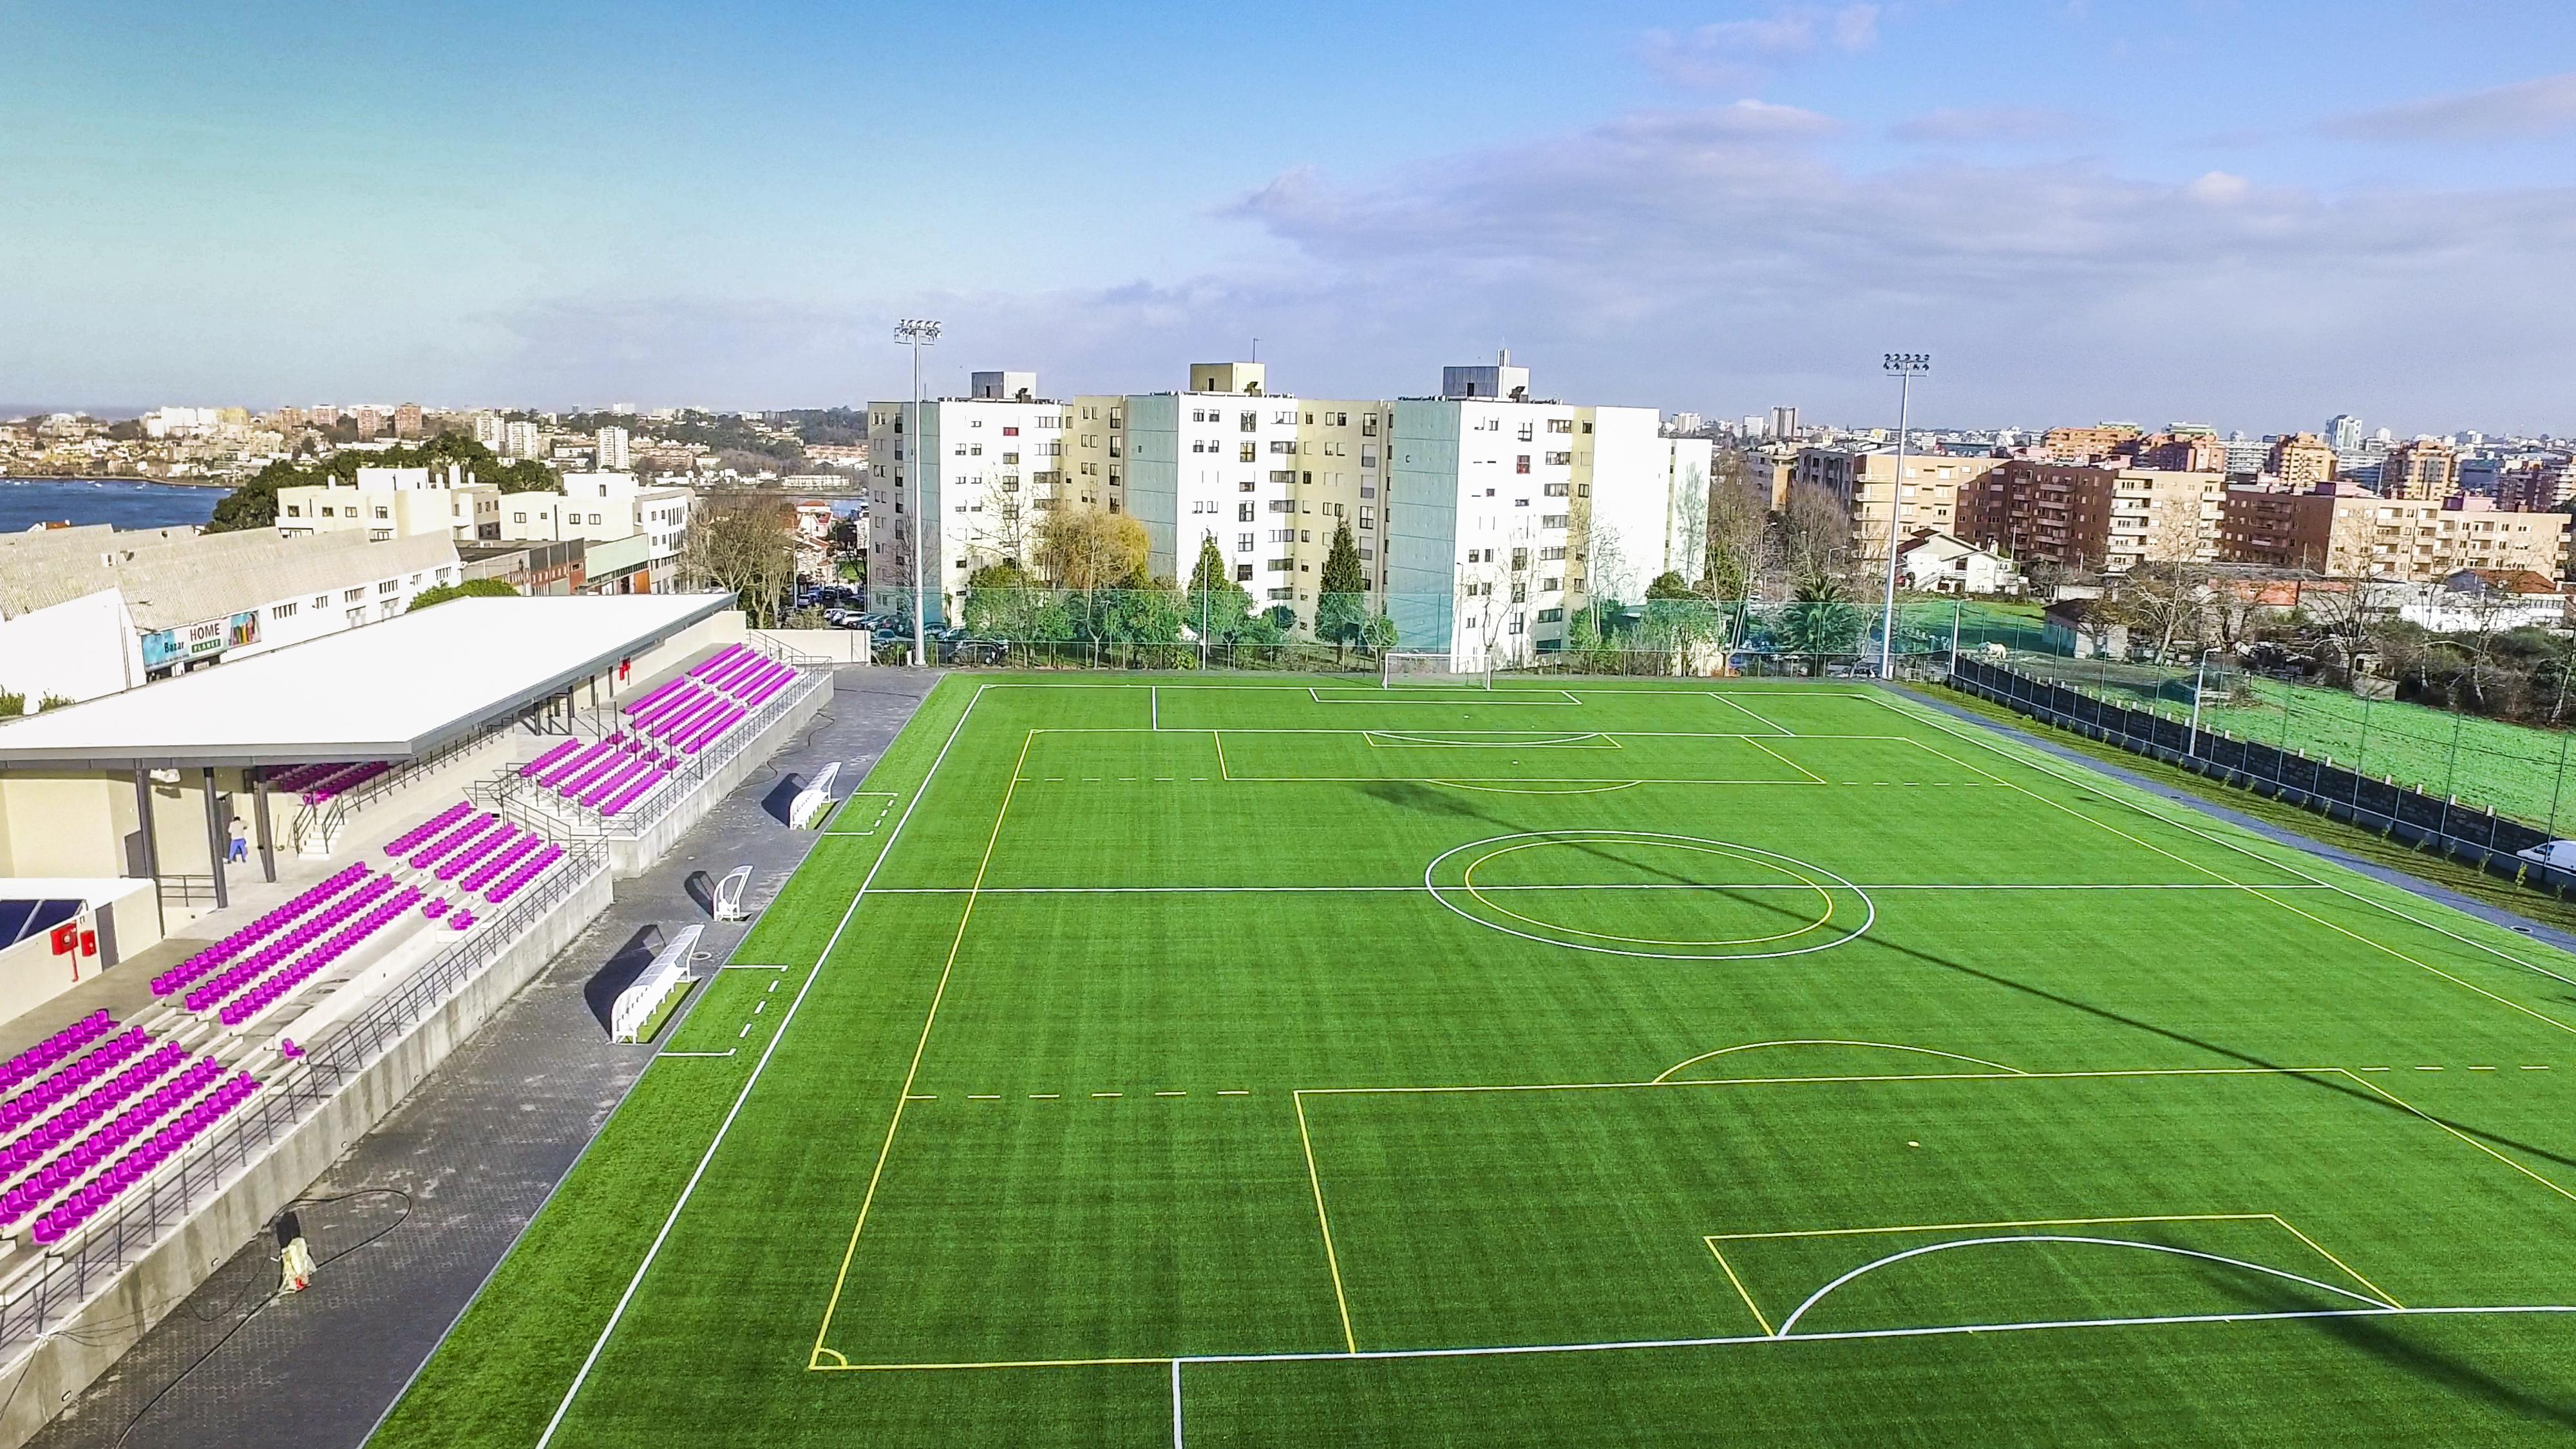 Estádio Manoel Marques Gomes / Mercadona